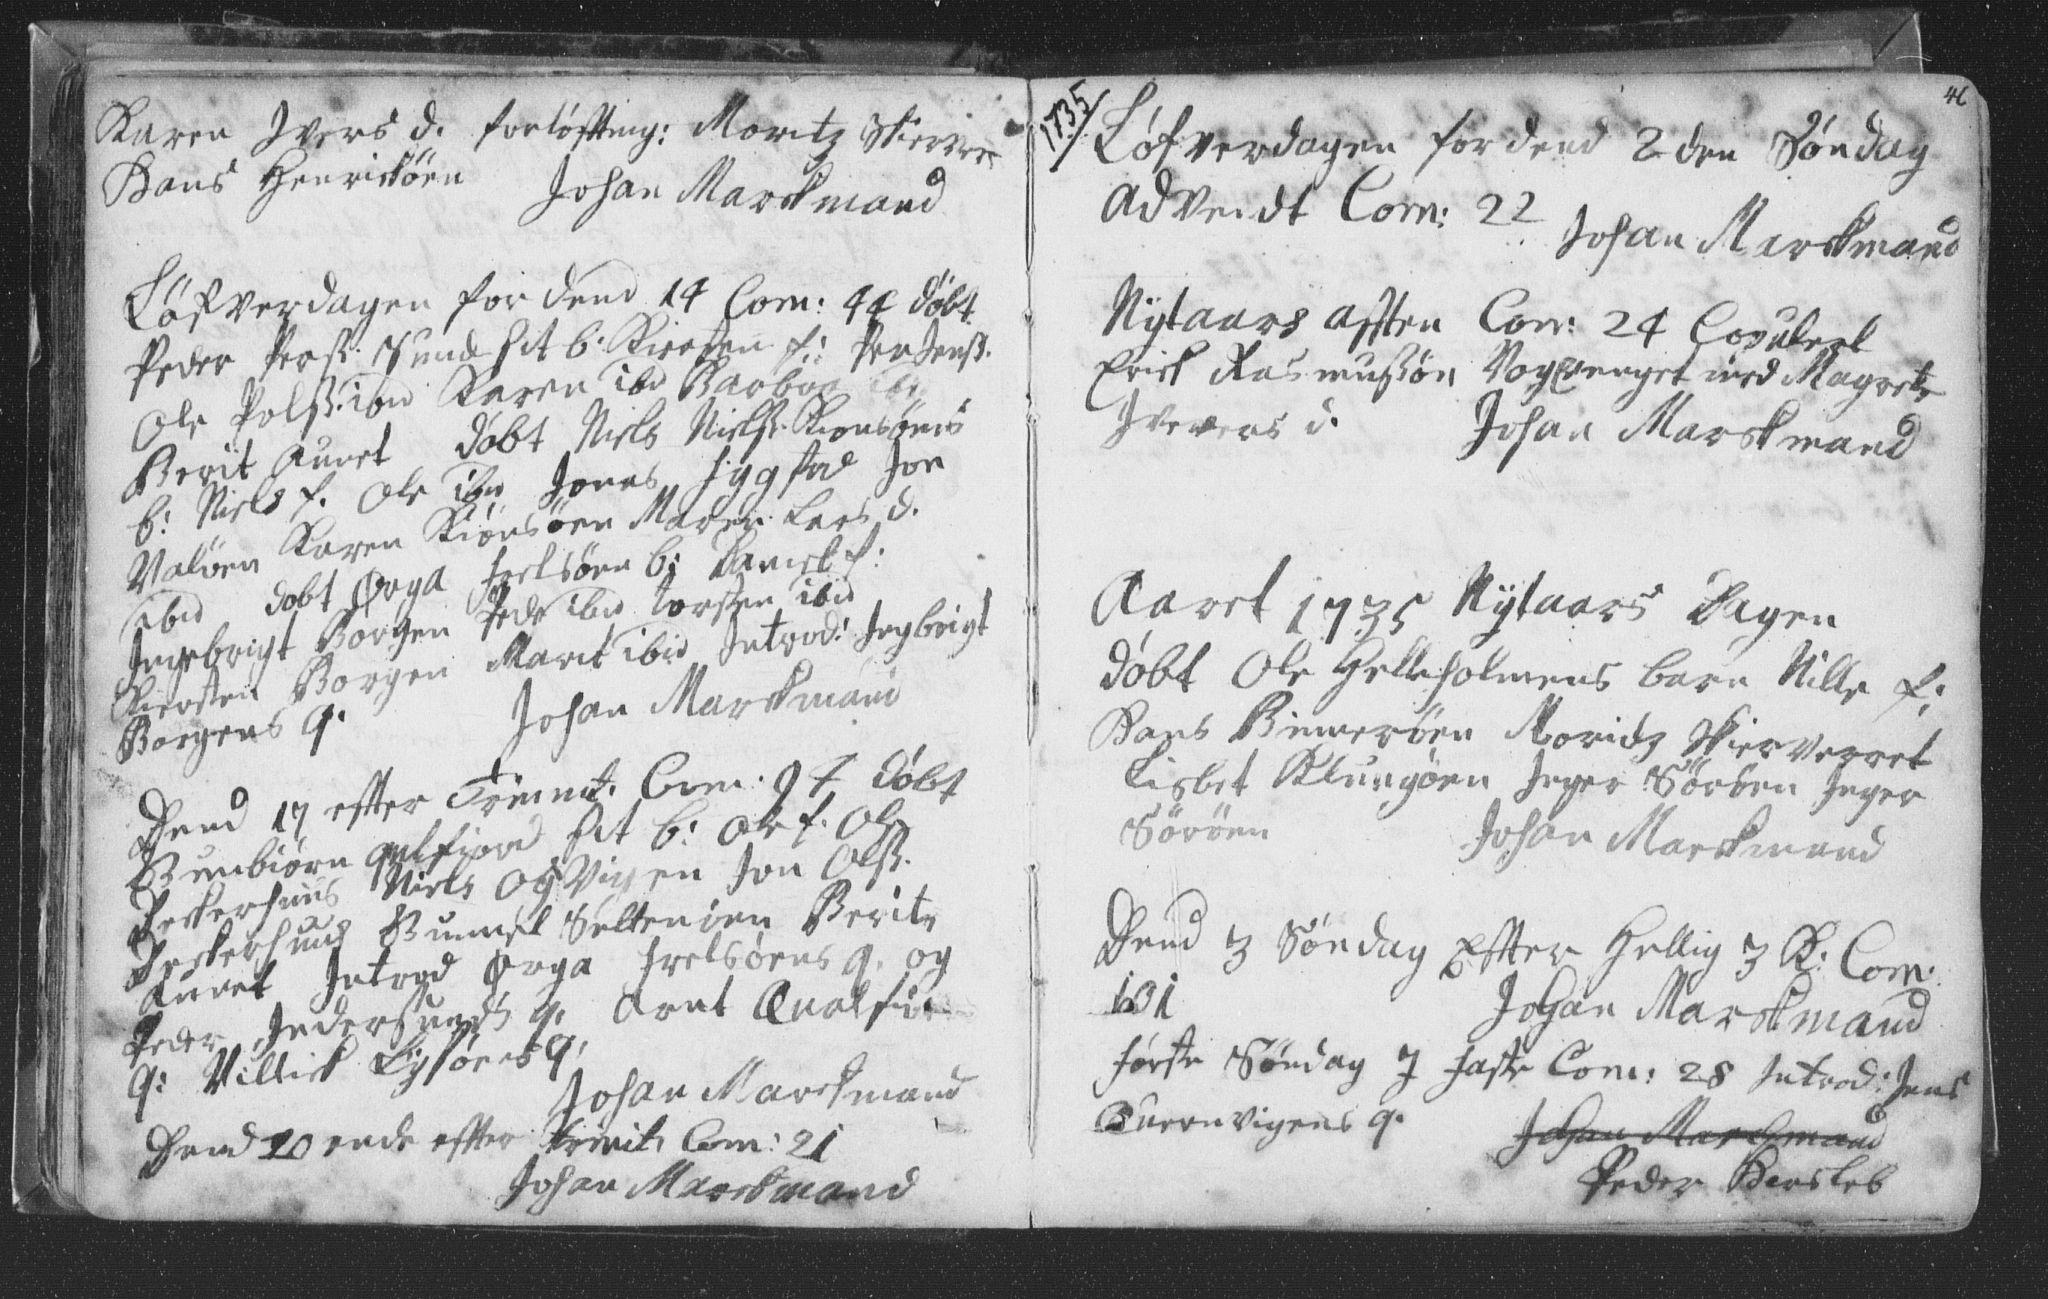 SAT, Ministerialprotokoller, klokkerbøker og fødselsregistre - Nord-Trøndelag, 786/L0685: Ministerialbok nr. 786A01, 1710-1798, s. 46